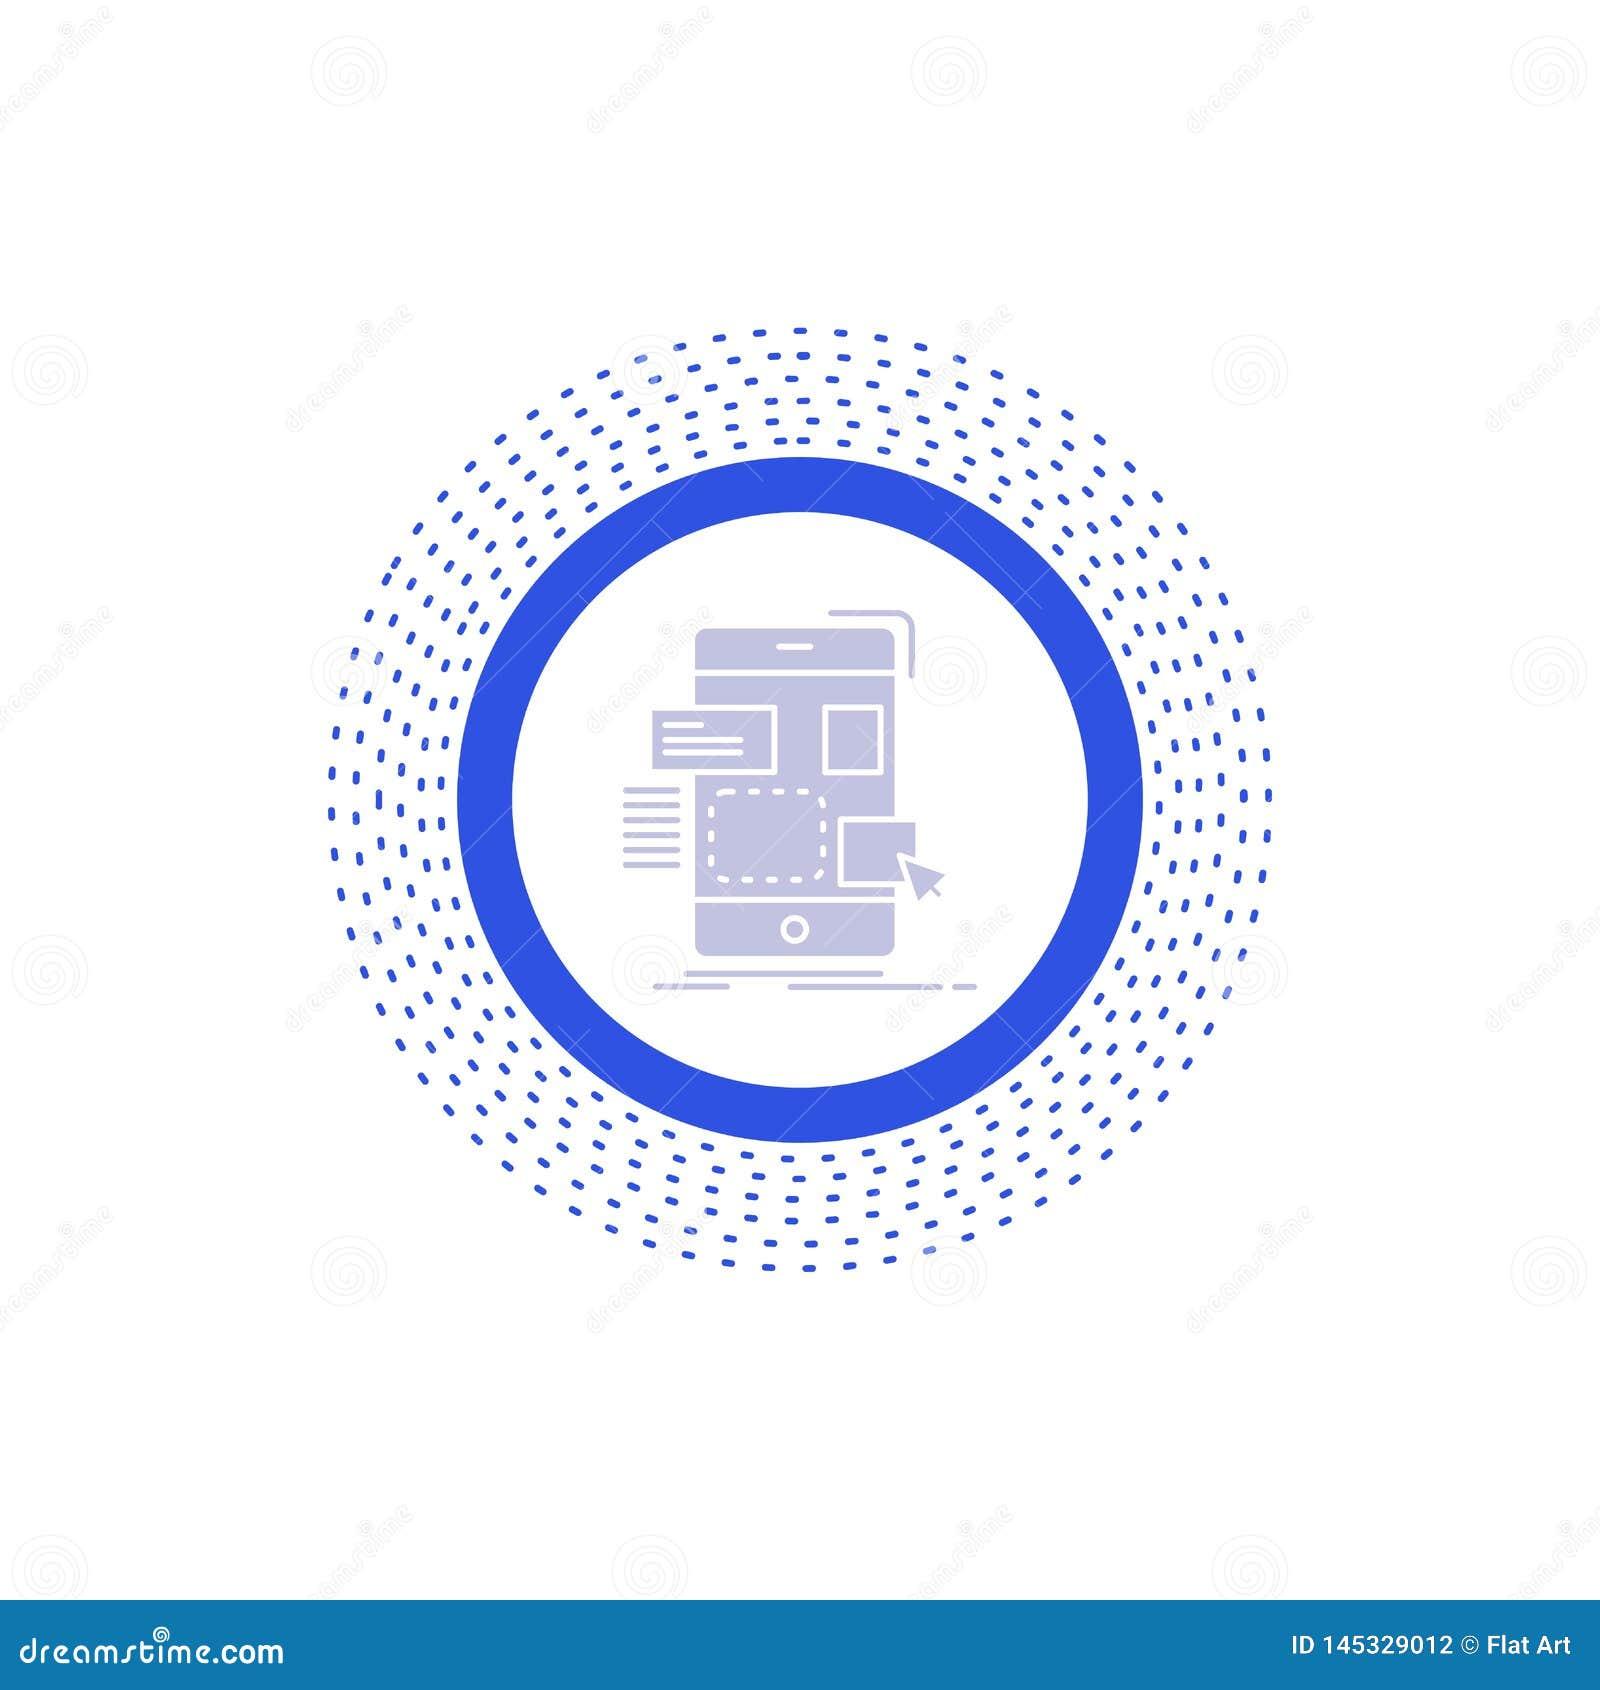 Resistenza, cellulare, progettazione, ui, icona di glifo del ux Illustrazione isolata vettore